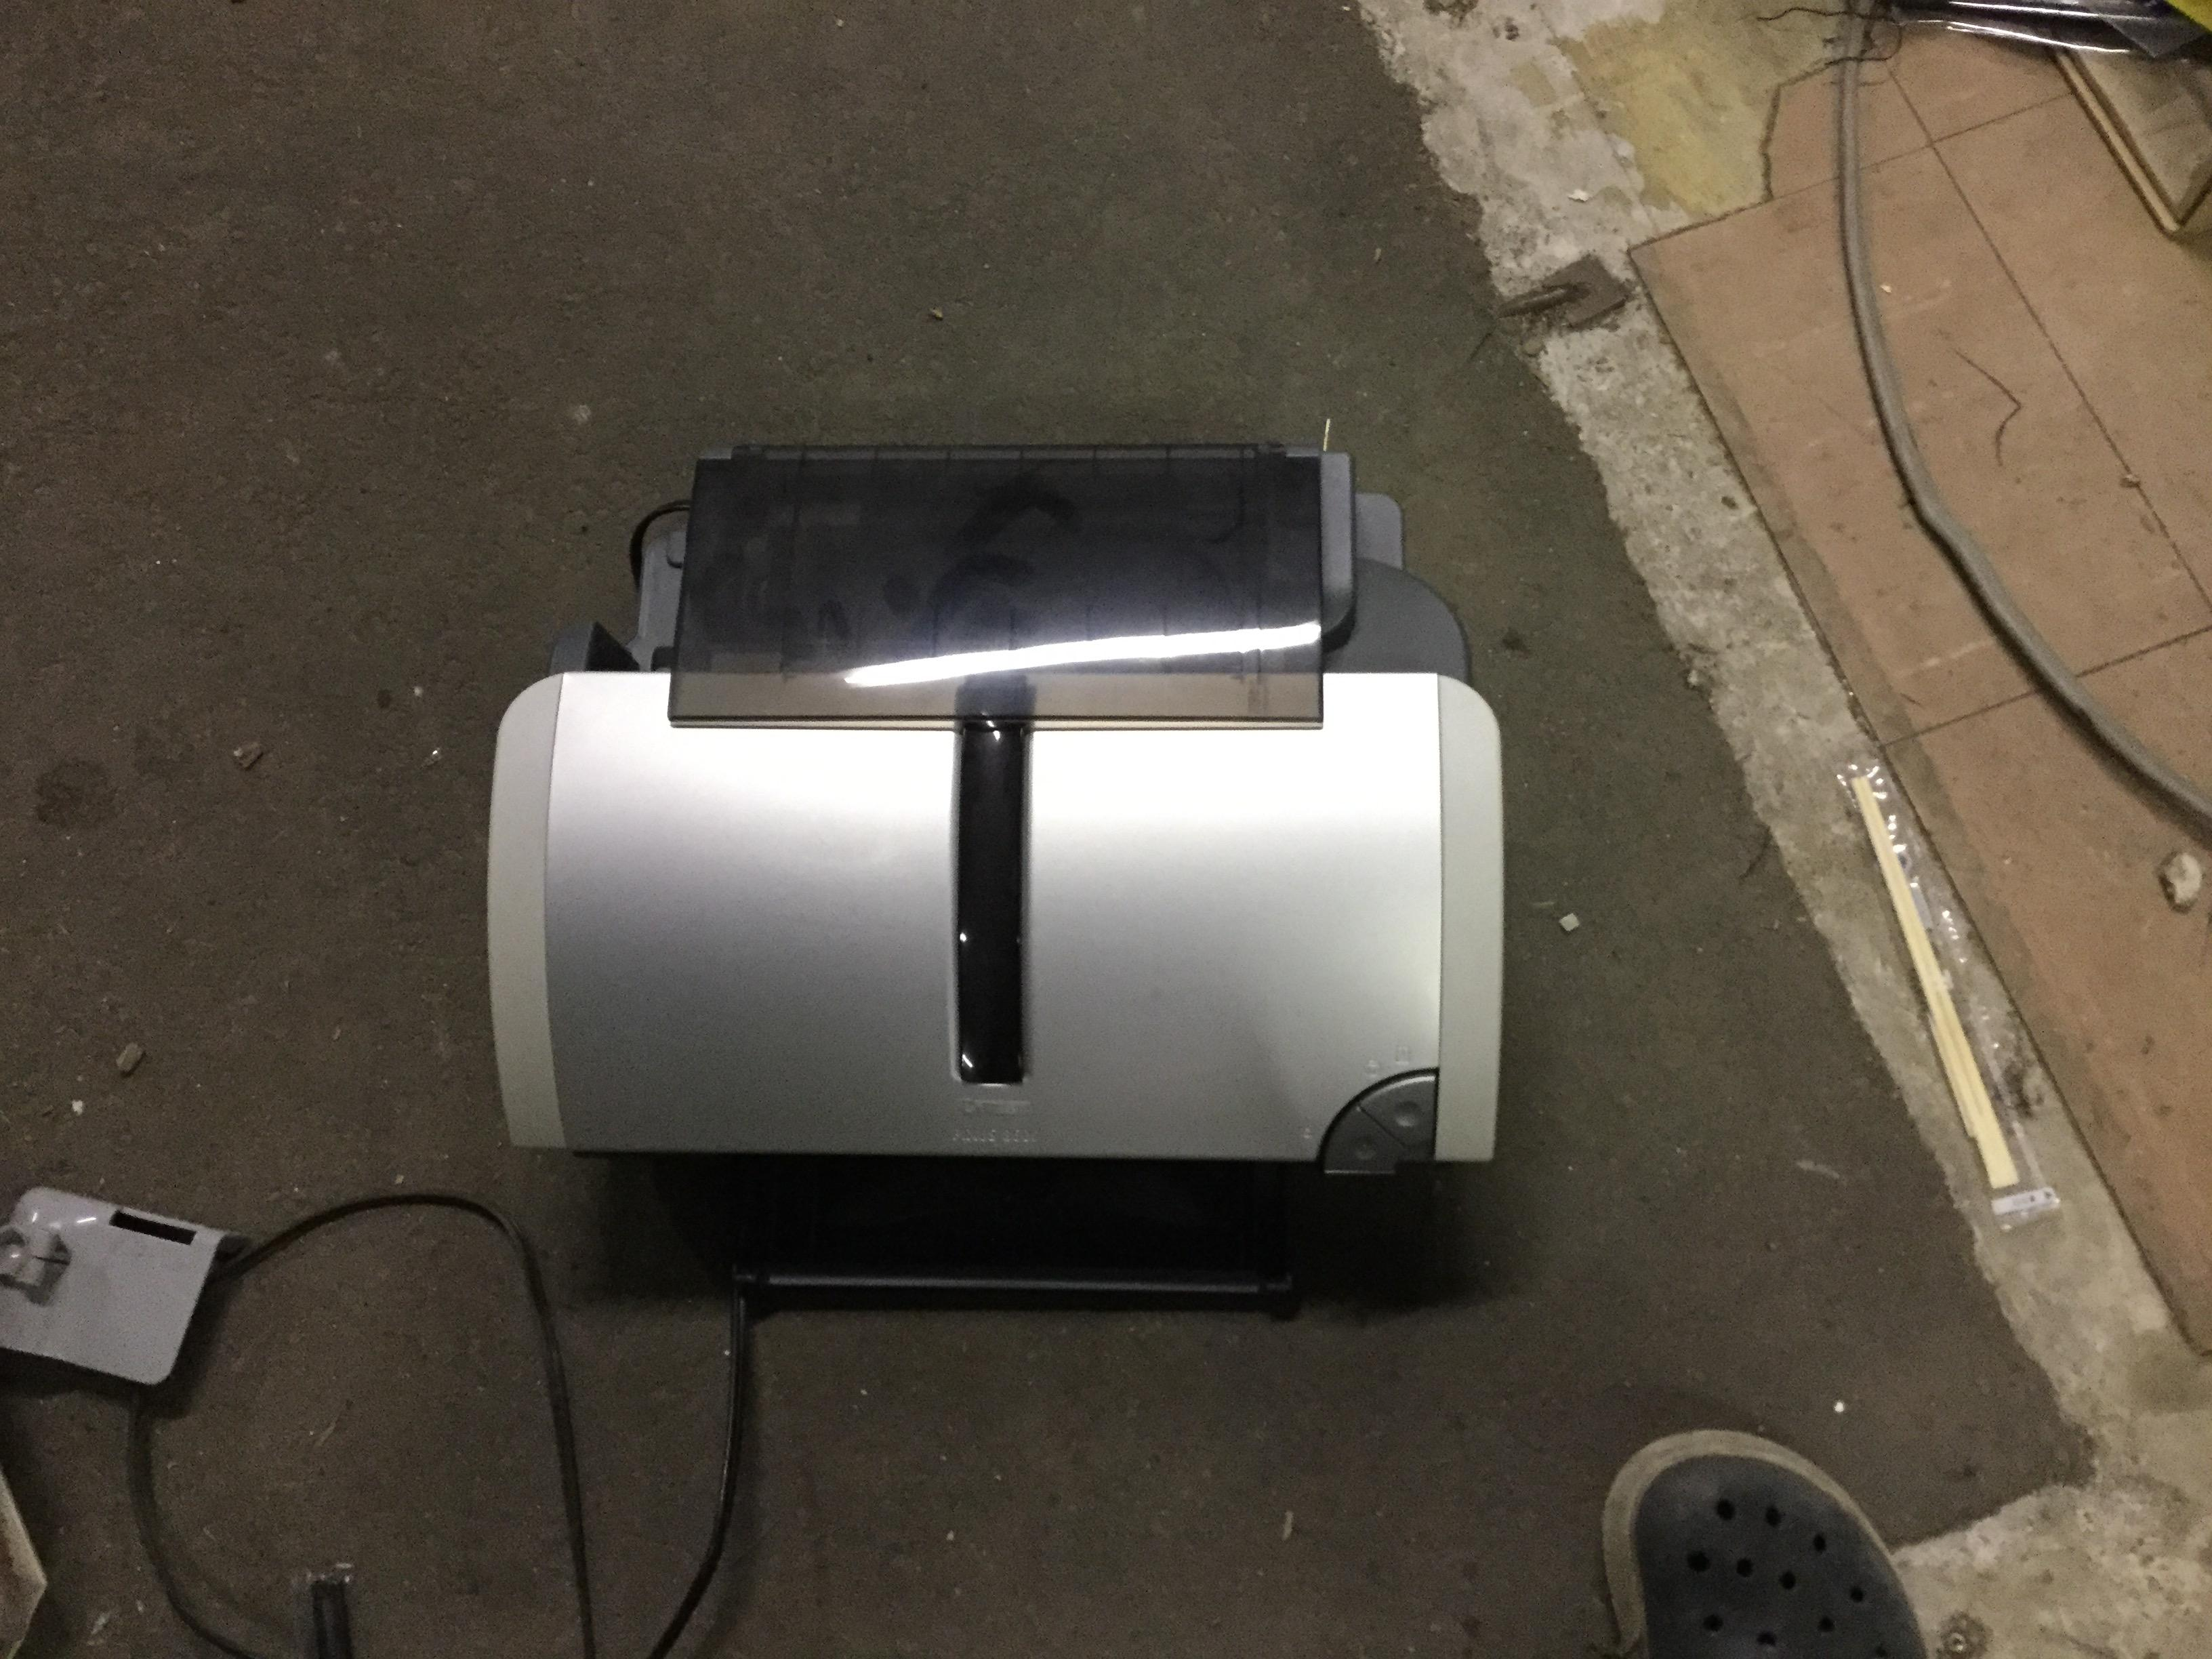 岡山市南区で不用品回収したプリンター